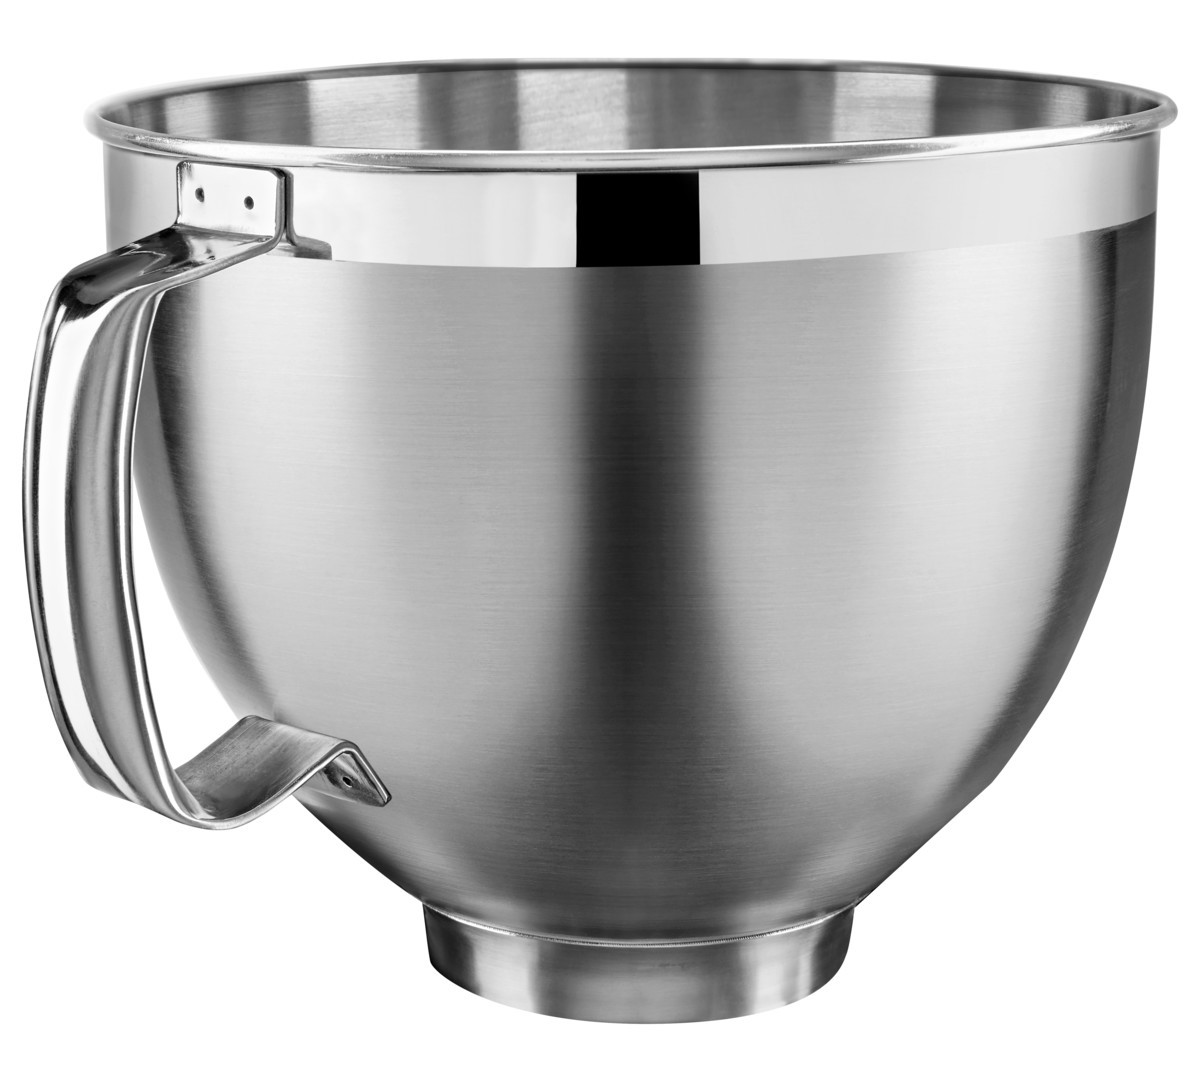 4,8-Liter Edelstahlschüssel mit Griff